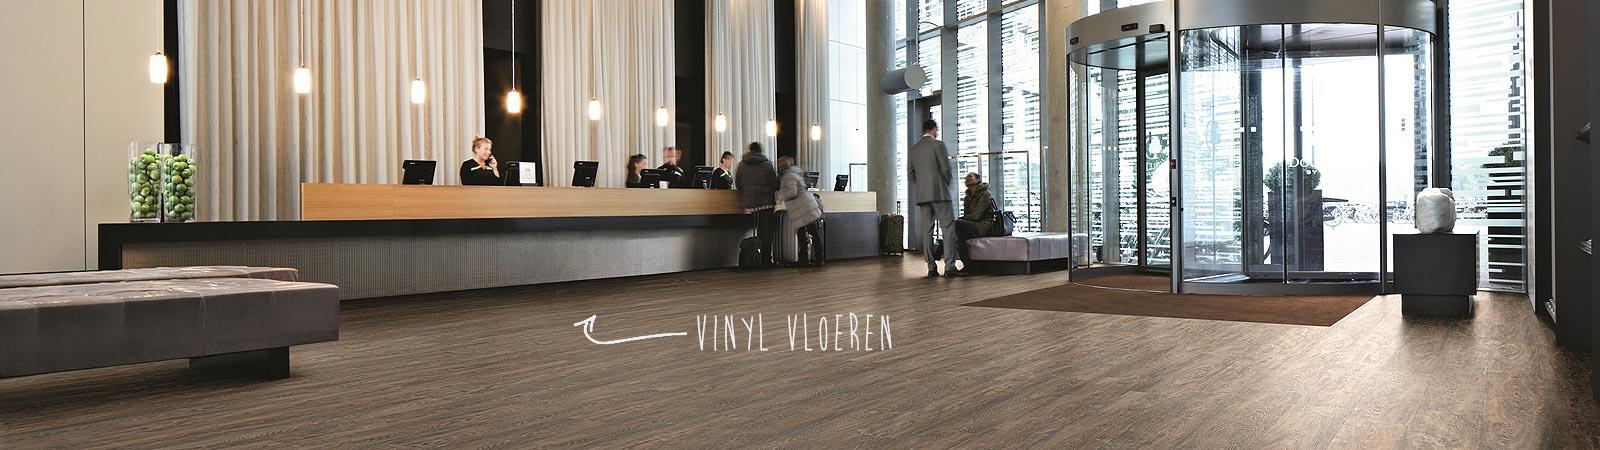 Vinyl wordt gelegd door Brabant Tapijt uit Eindhoven